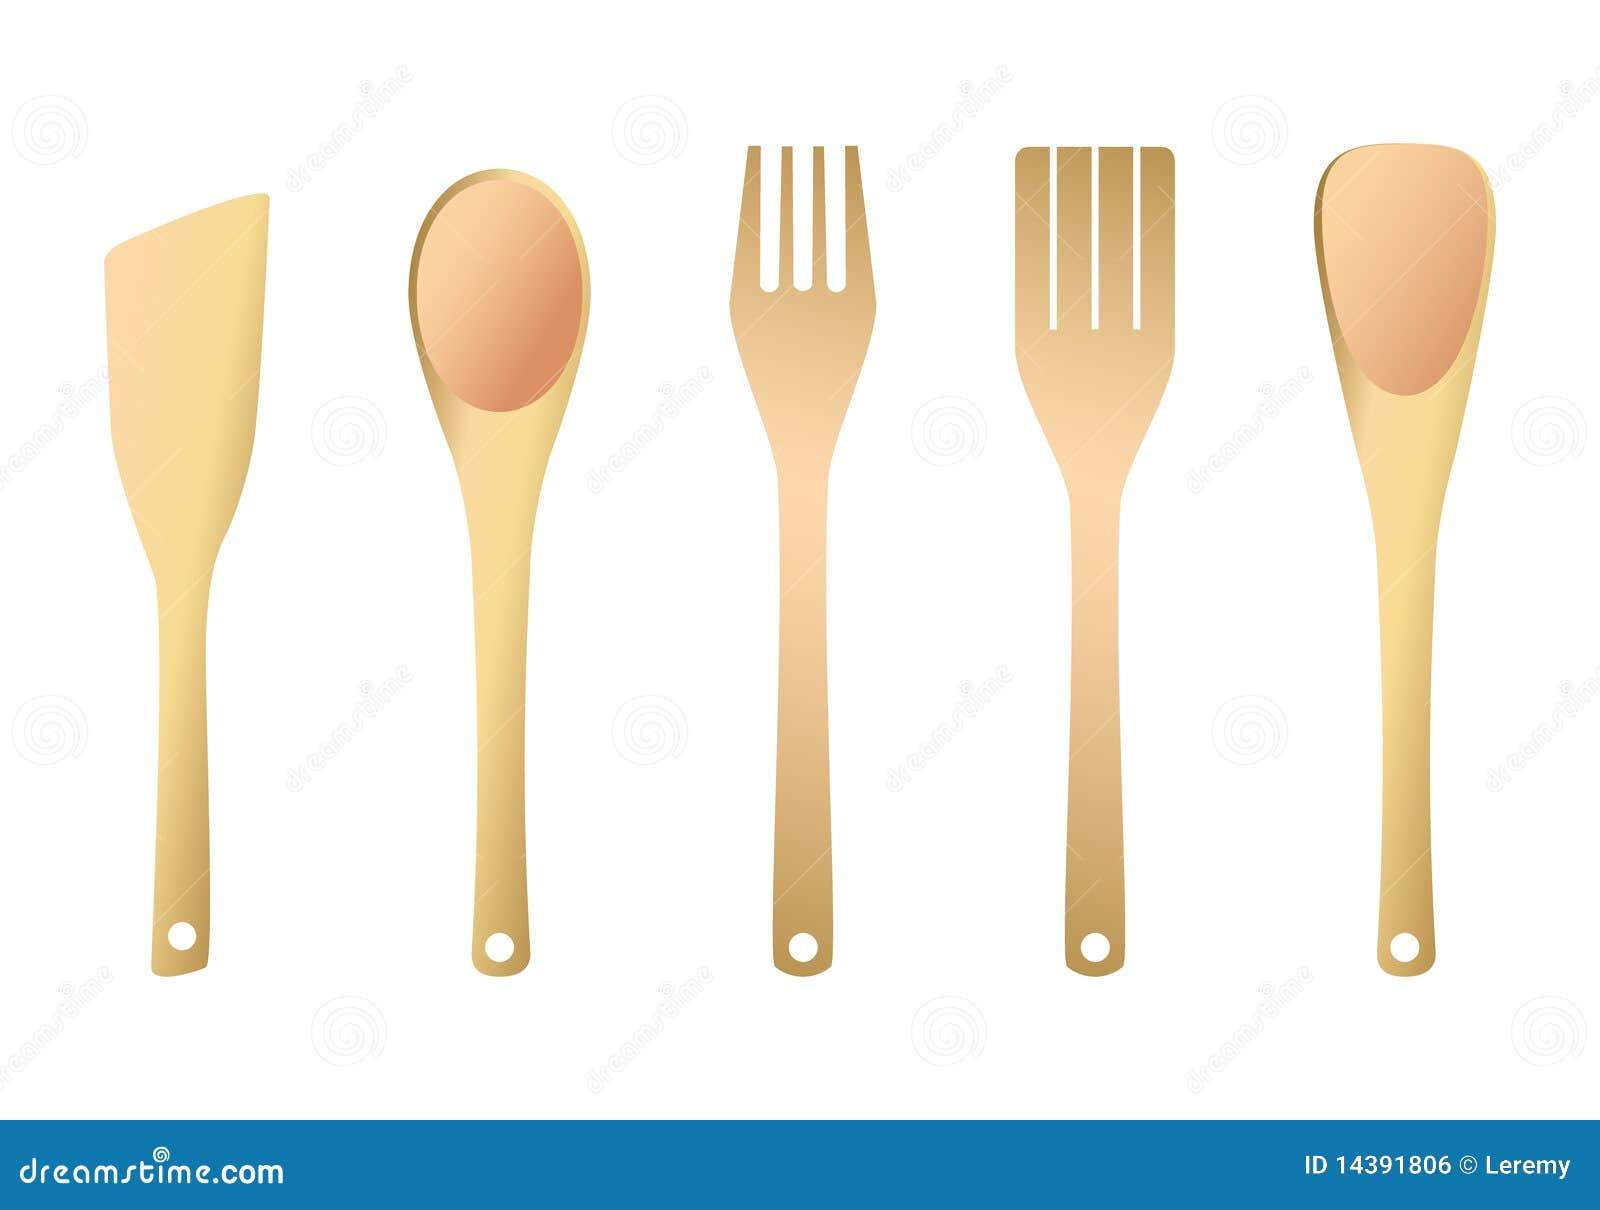 fourchette et spatule en bois pour la cuisine image libre de droits image 14391806. Black Bedroom Furniture Sets. Home Design Ideas